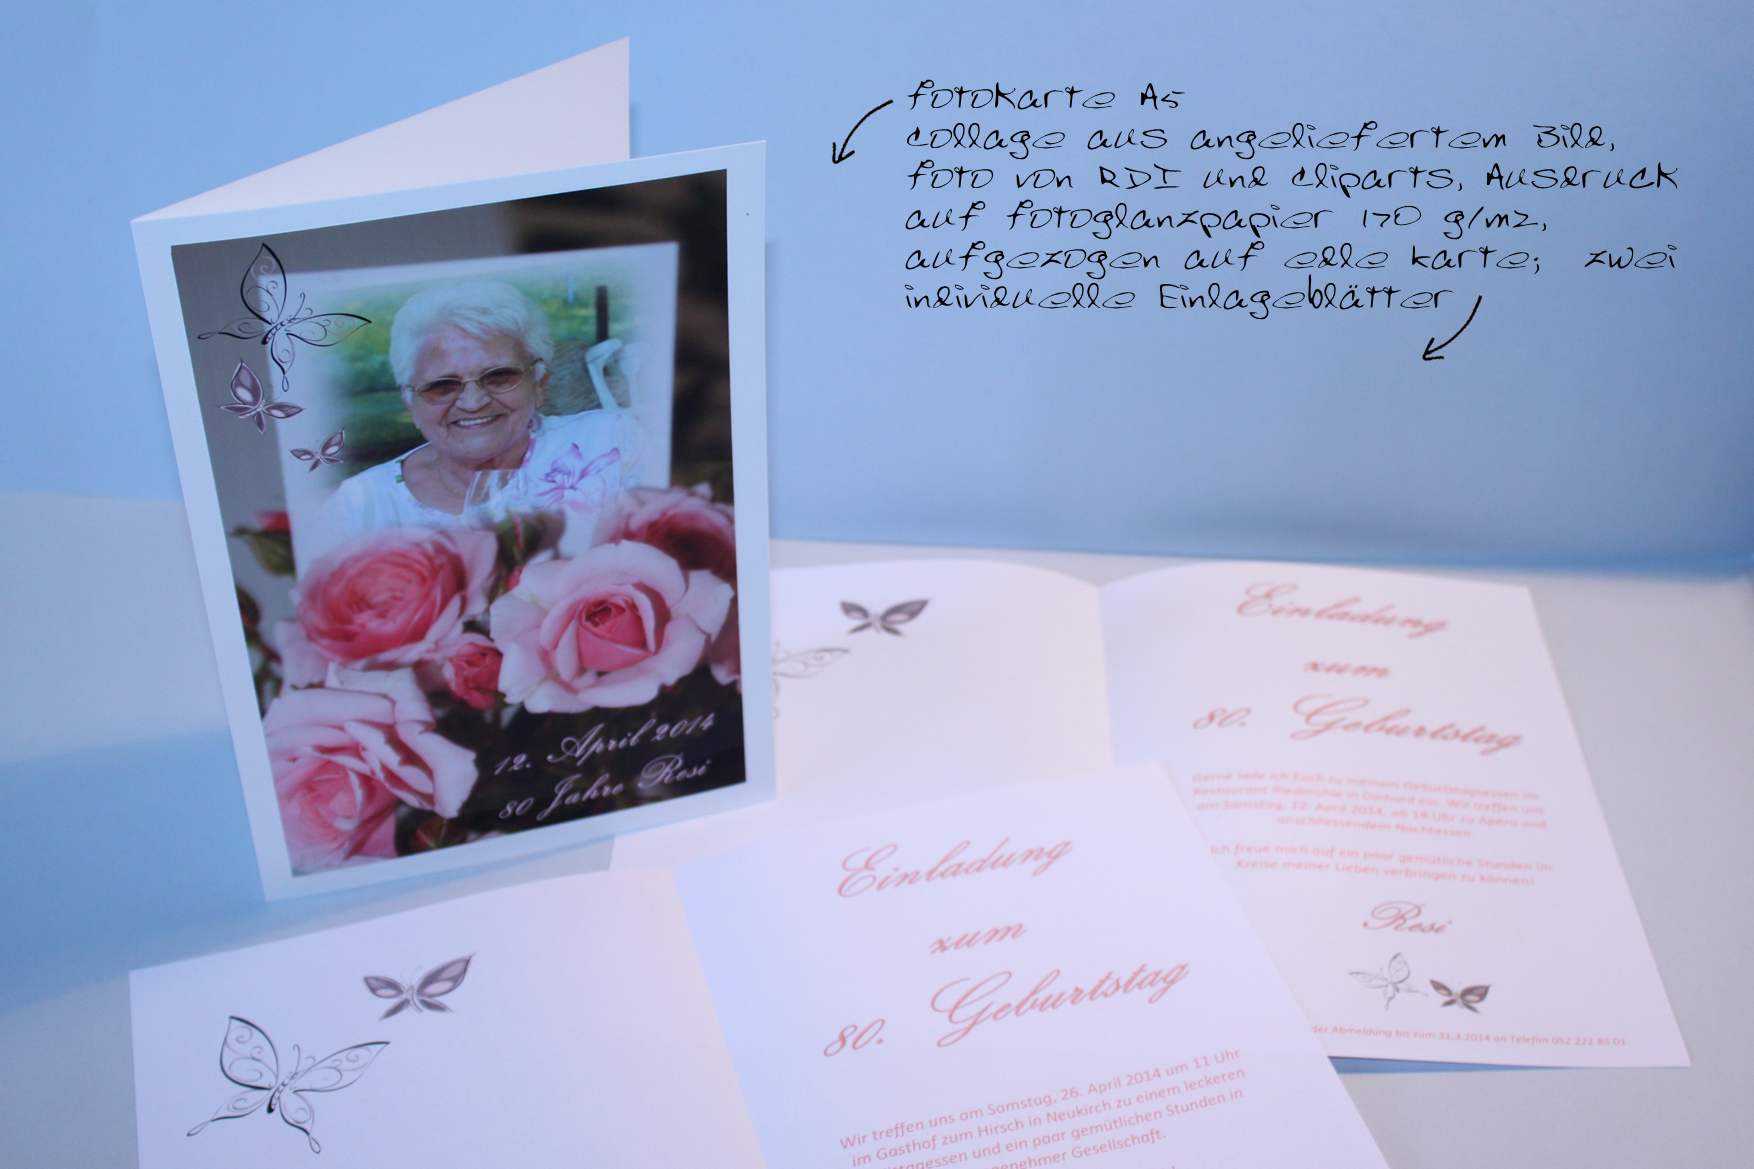 Referenz-Auftrag Resi: Einladung zum 80. Geburtstag, 2 Feste an 2 Orten ...